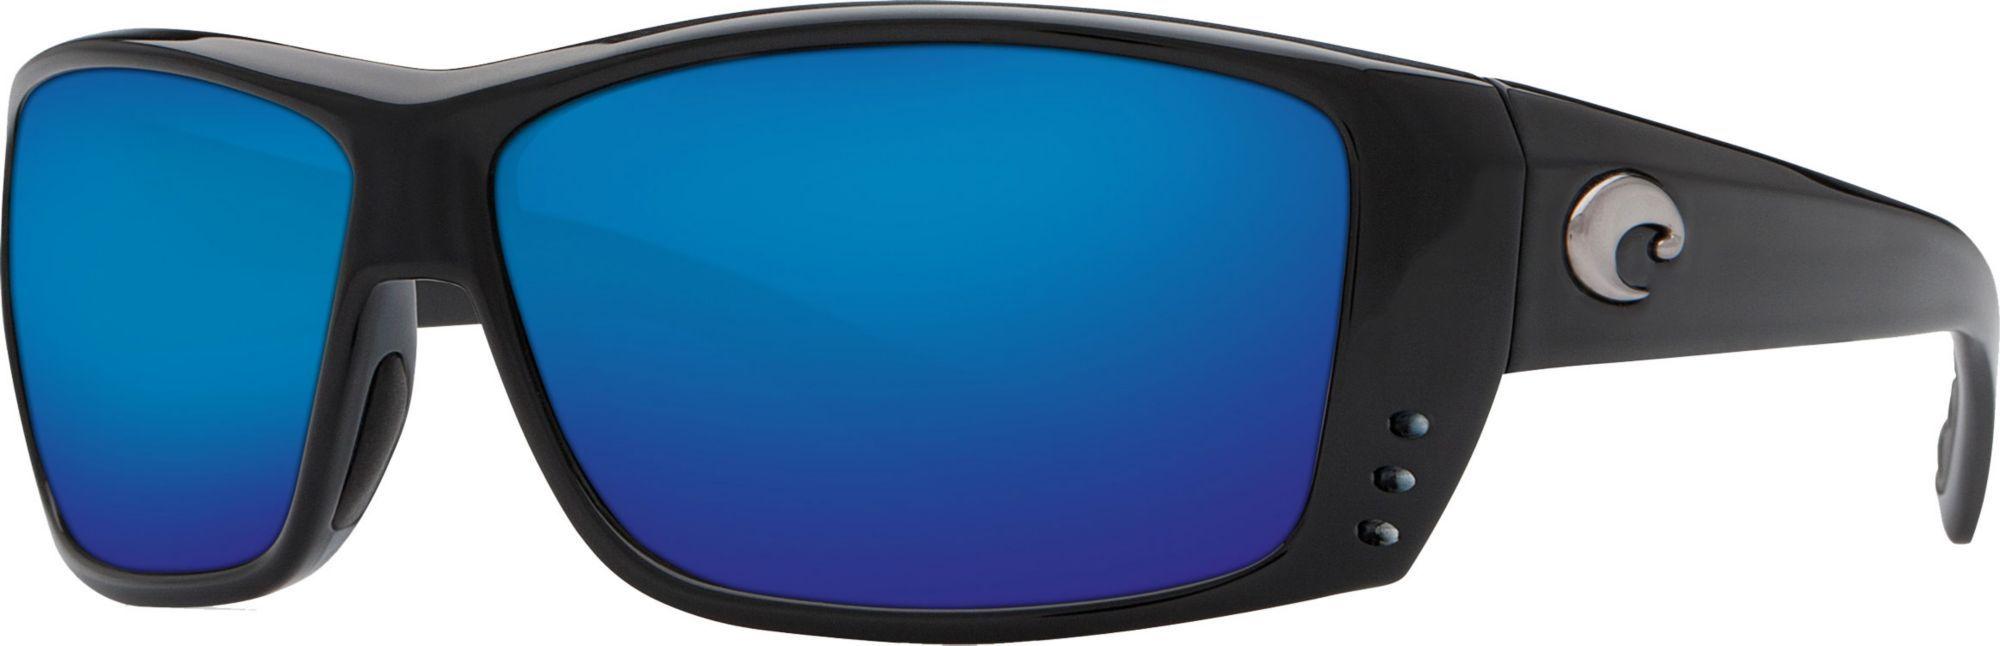 a4b0efdc3e7 Costa Del Mar Men s Cat Cay 580P Polarized Sunglasses